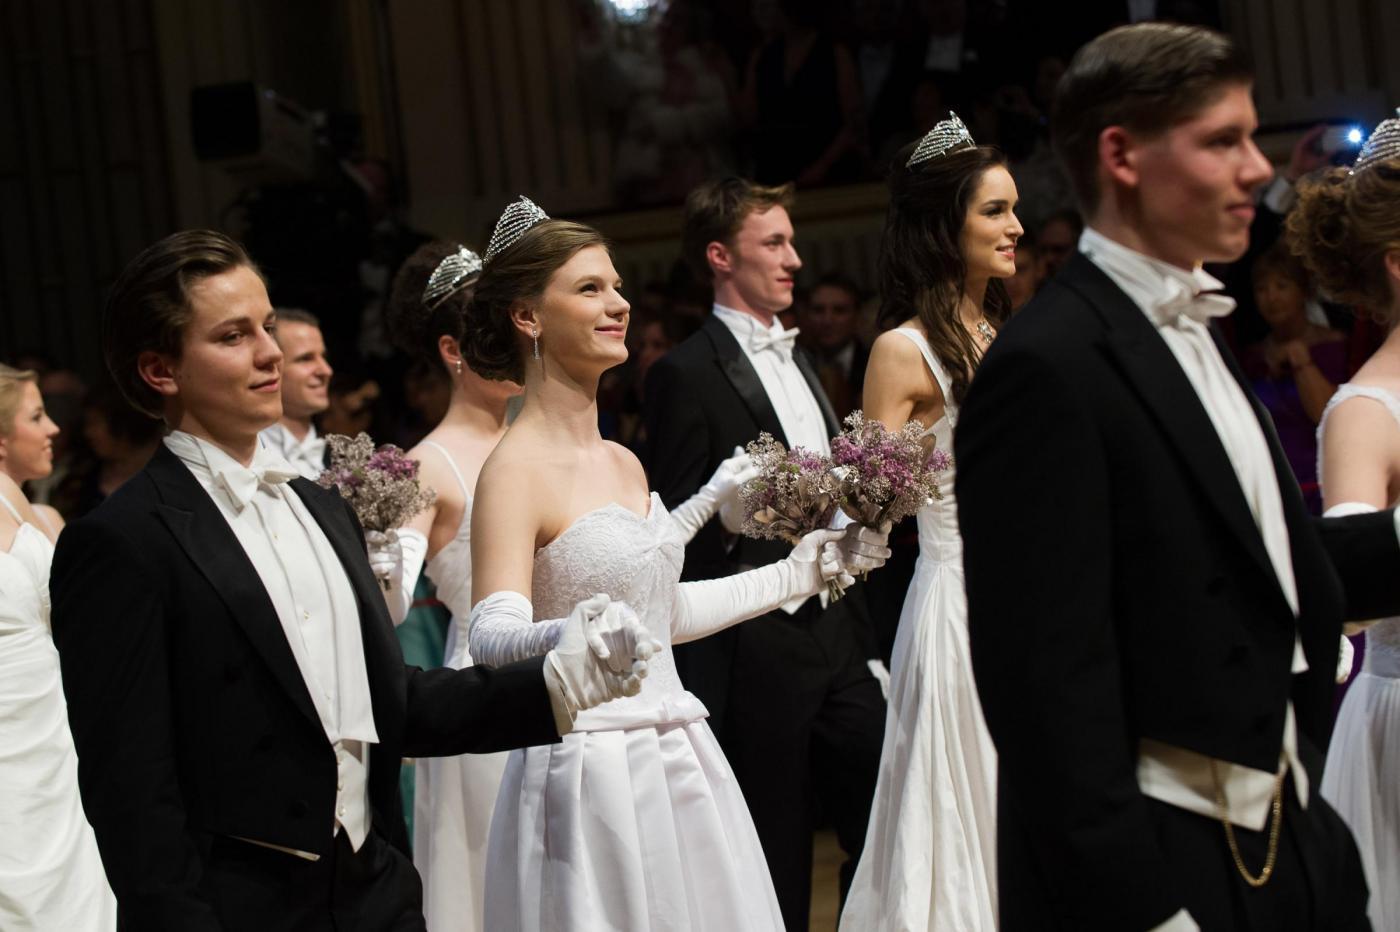 Vienna, le giovani donne entrano in società: eccole al ballo delle debuttanti